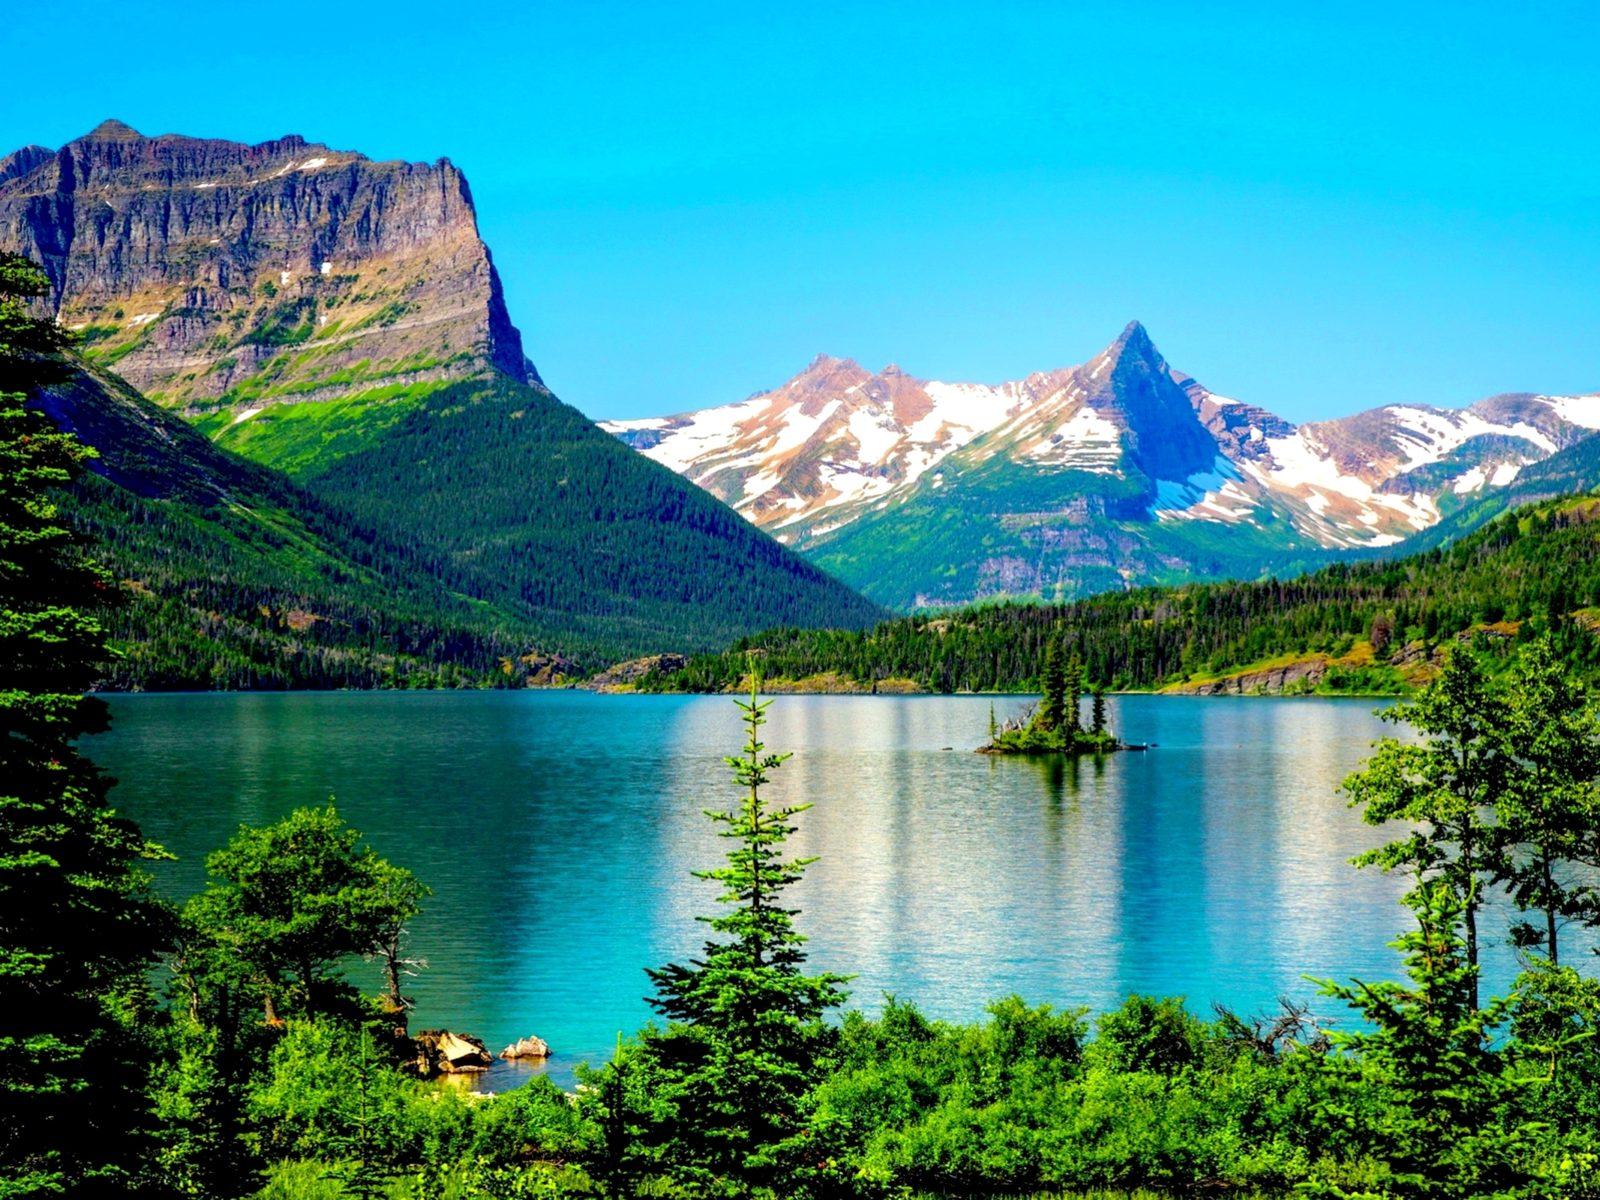 Fall Tablet Wallpaper Glacier National Park Desktop Background 576217